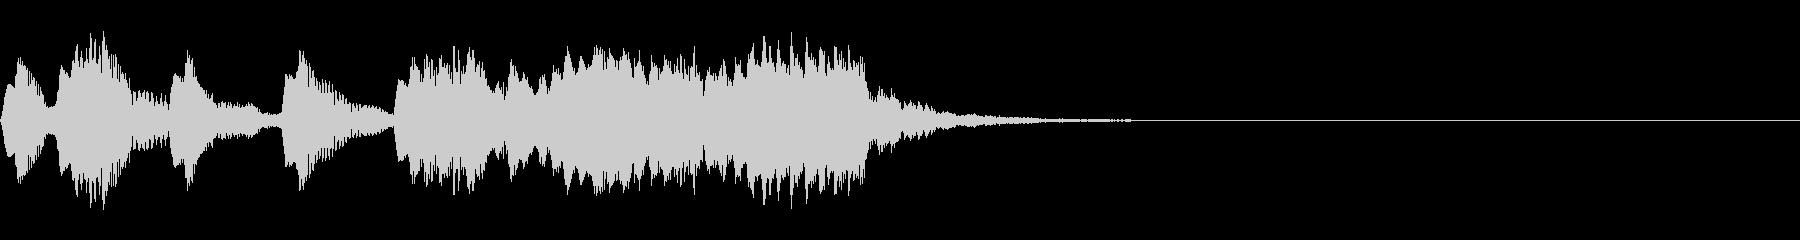 レベルアップ音/かわいいゲーム音【3】の未再生の波形